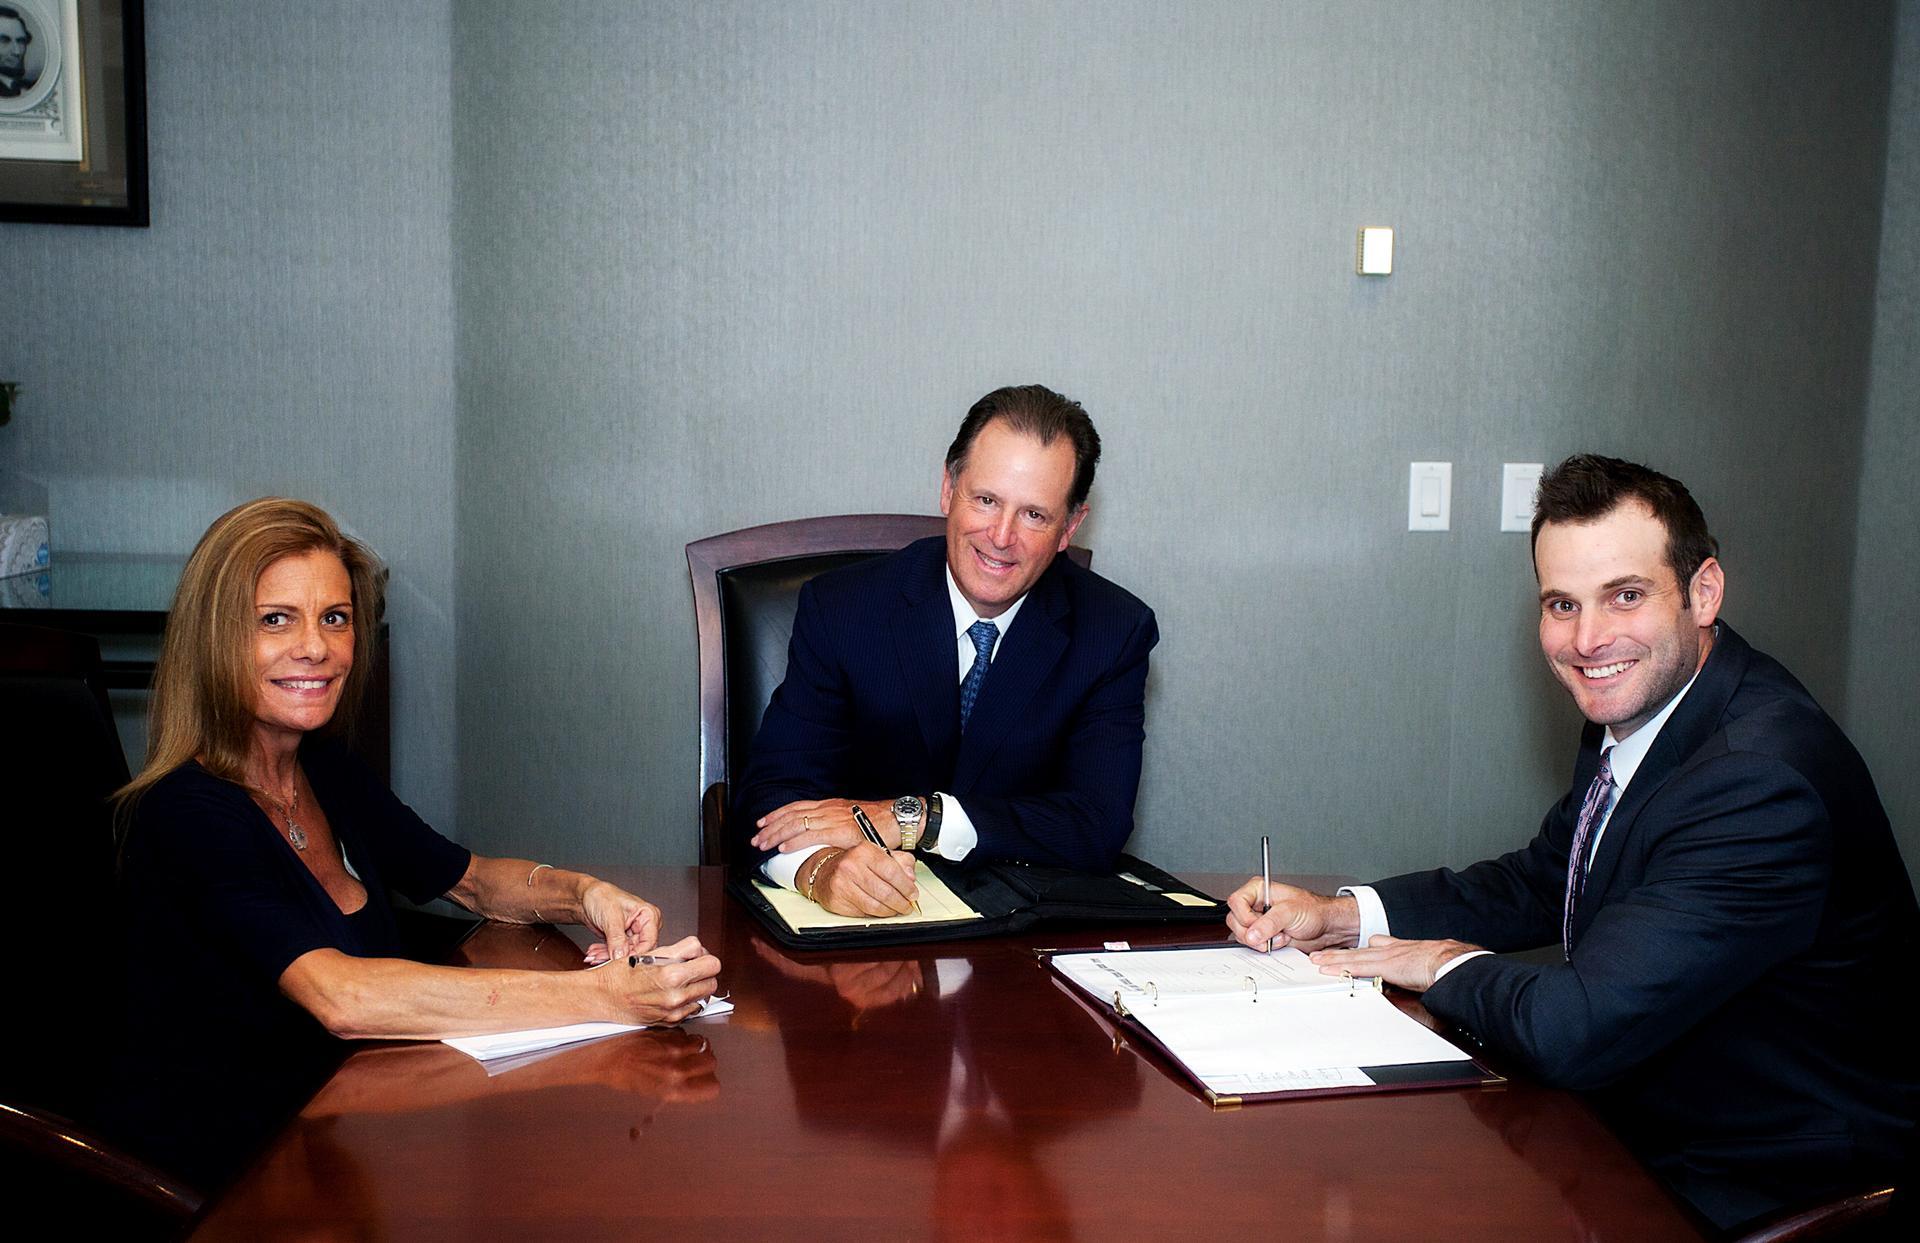 Mark D. Arlen & Associates